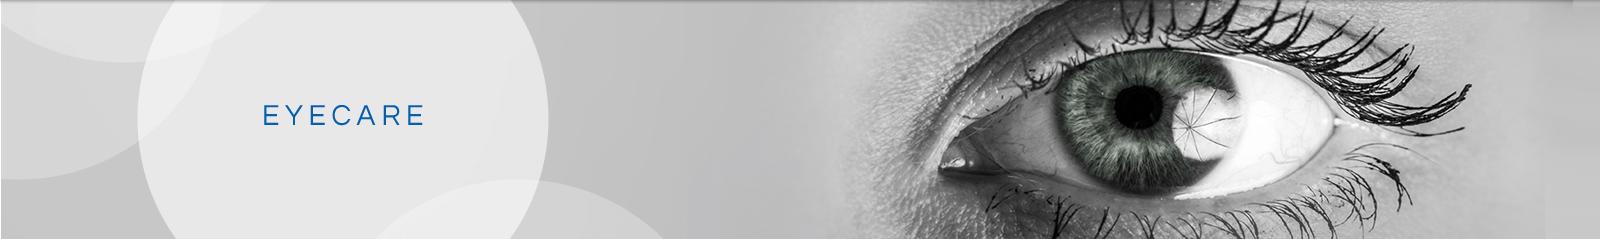 sidebar-eyecare_02